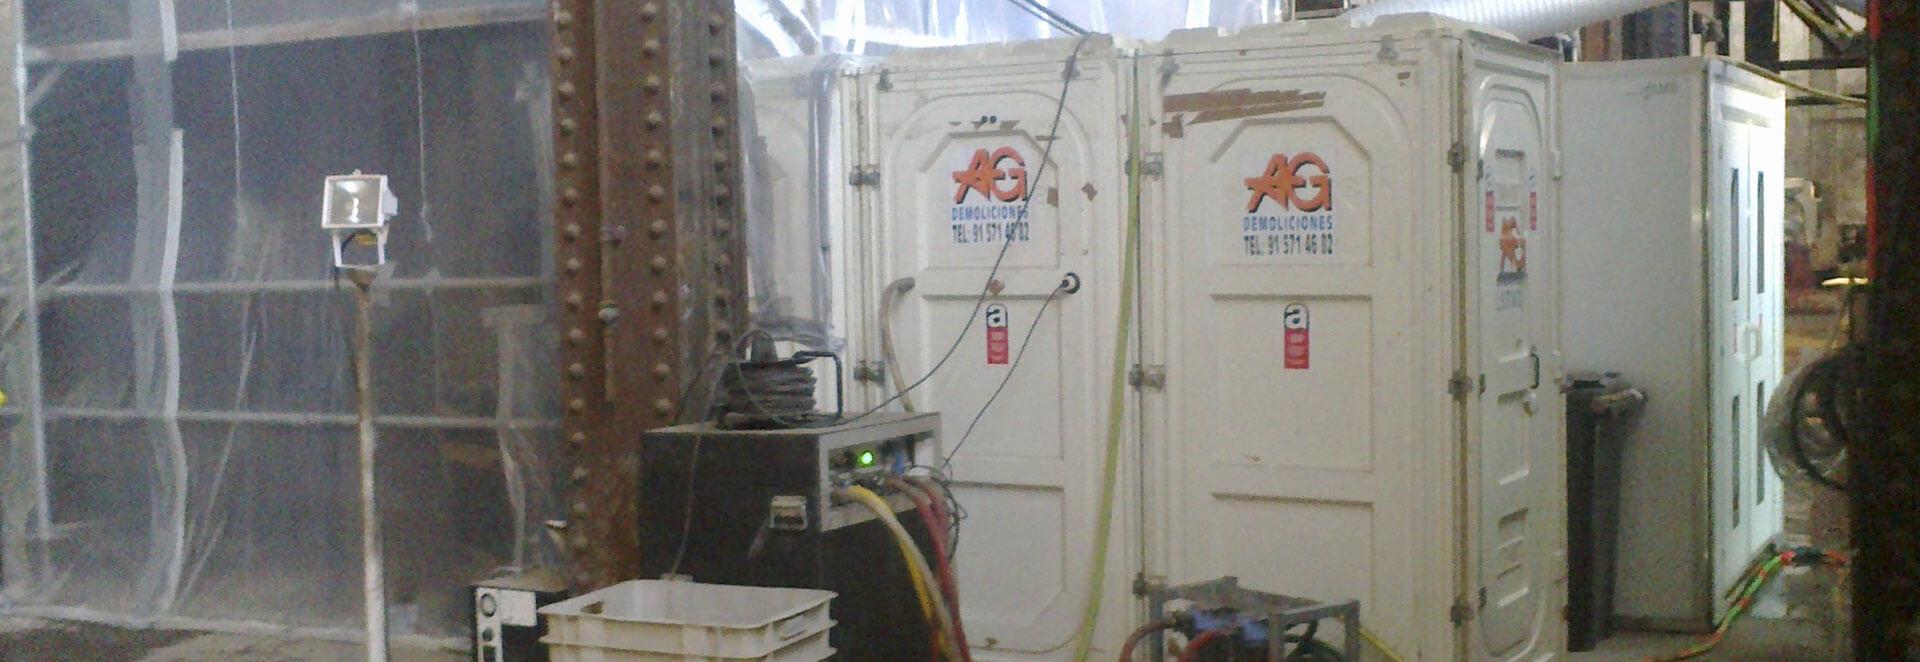 Desmontaje de placas de fibrocemento friable en papelera en el Prat de Llobregat, Barcelona